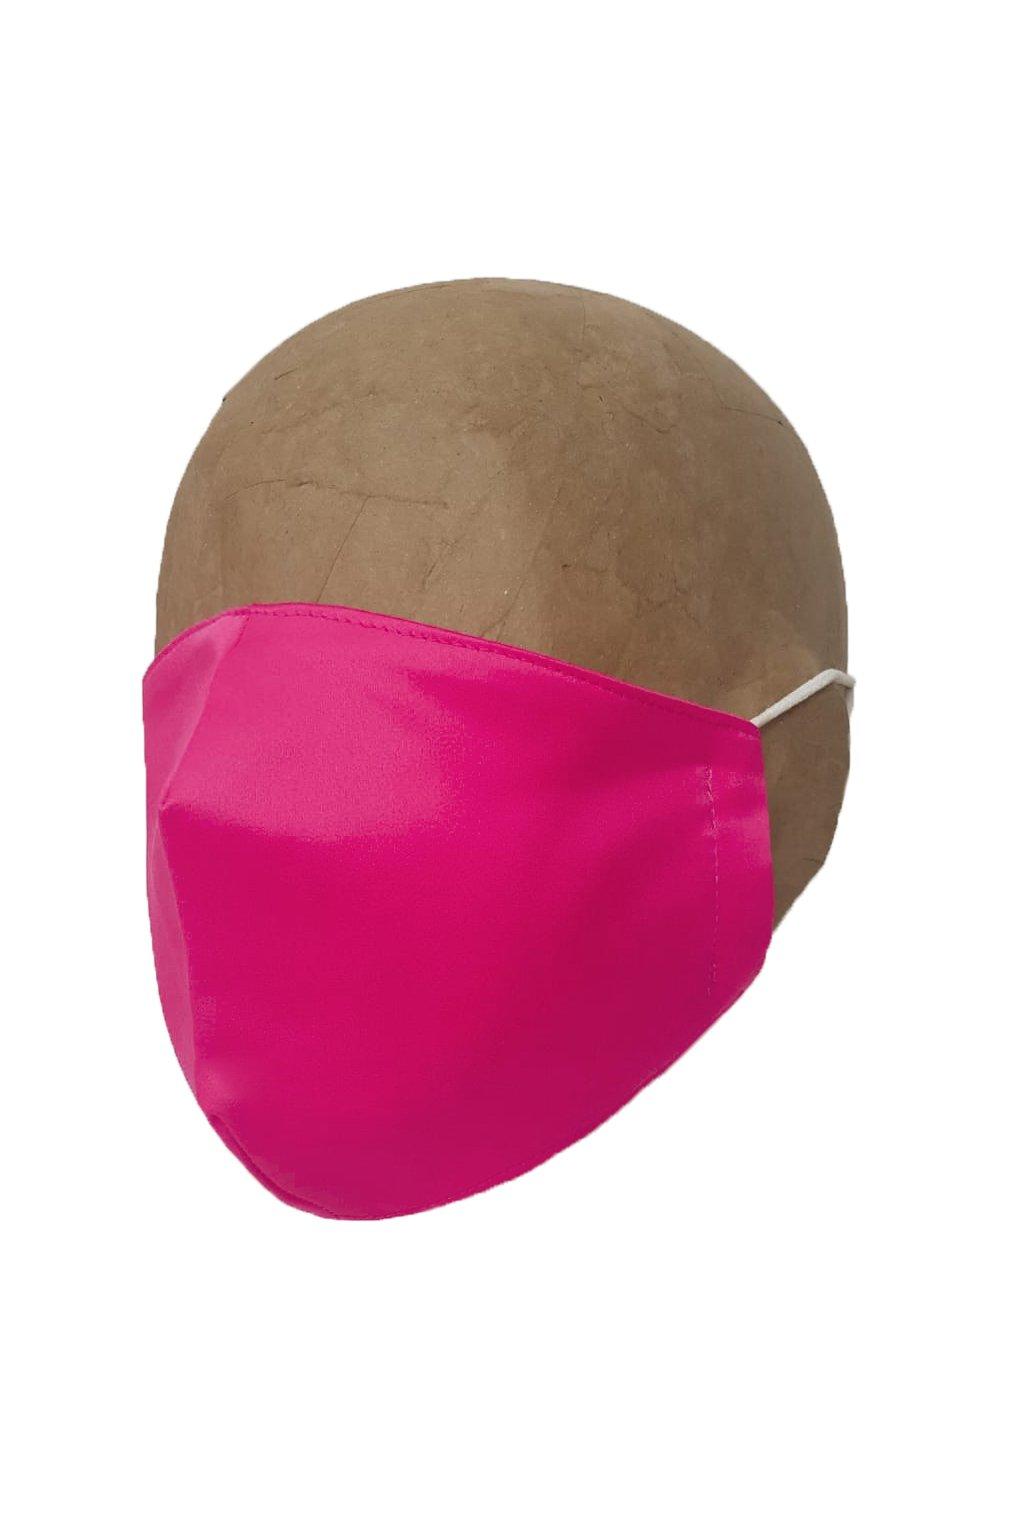 Rúško RASPBERRY PINK s iónmi striebra UNISEX A